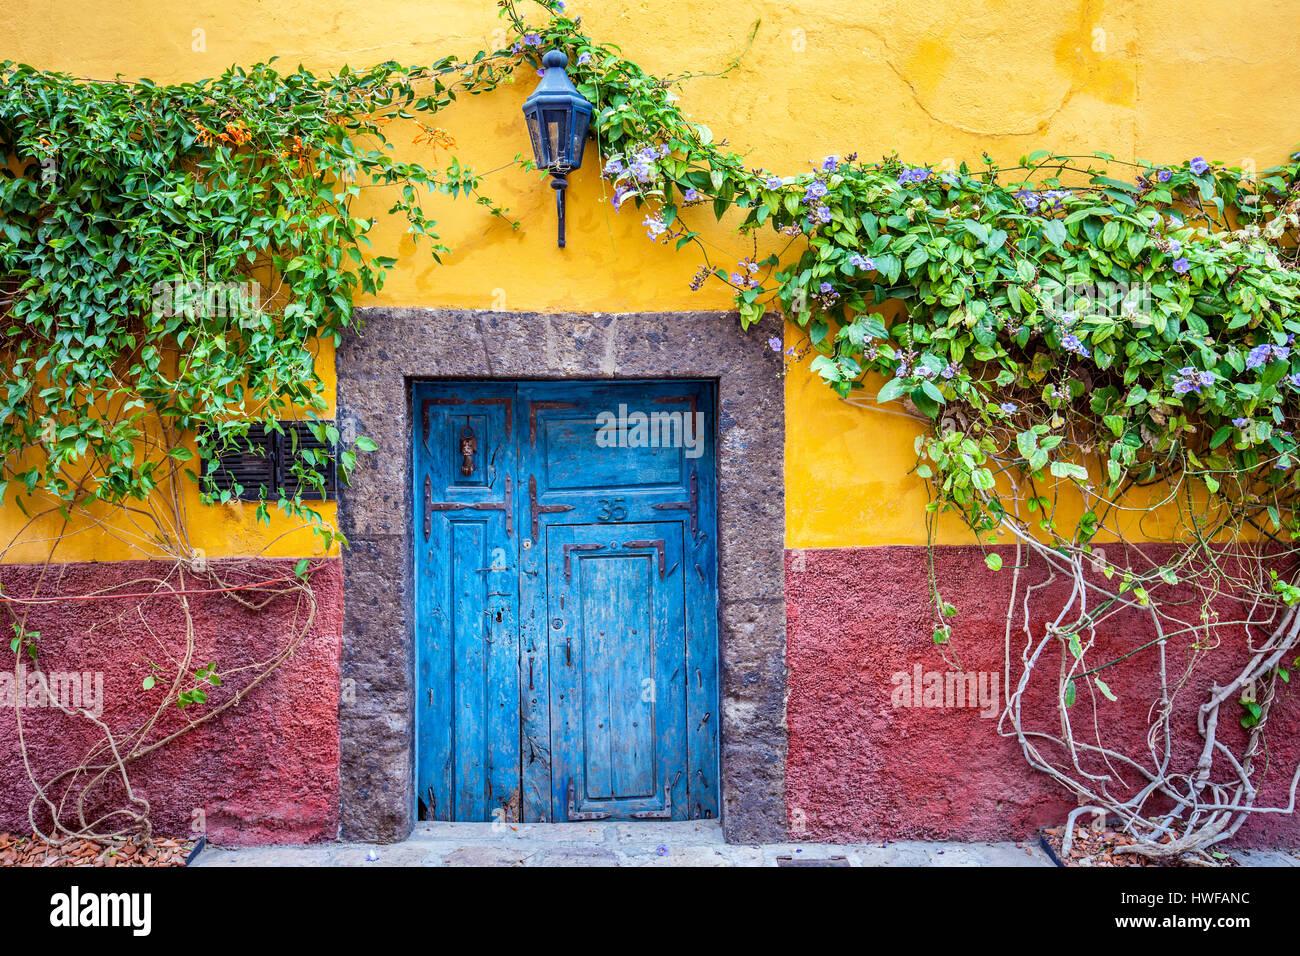 Una casa colorata adorna una delle strade coloniali in San Miguel De Allende, Messico. Immagini Stock